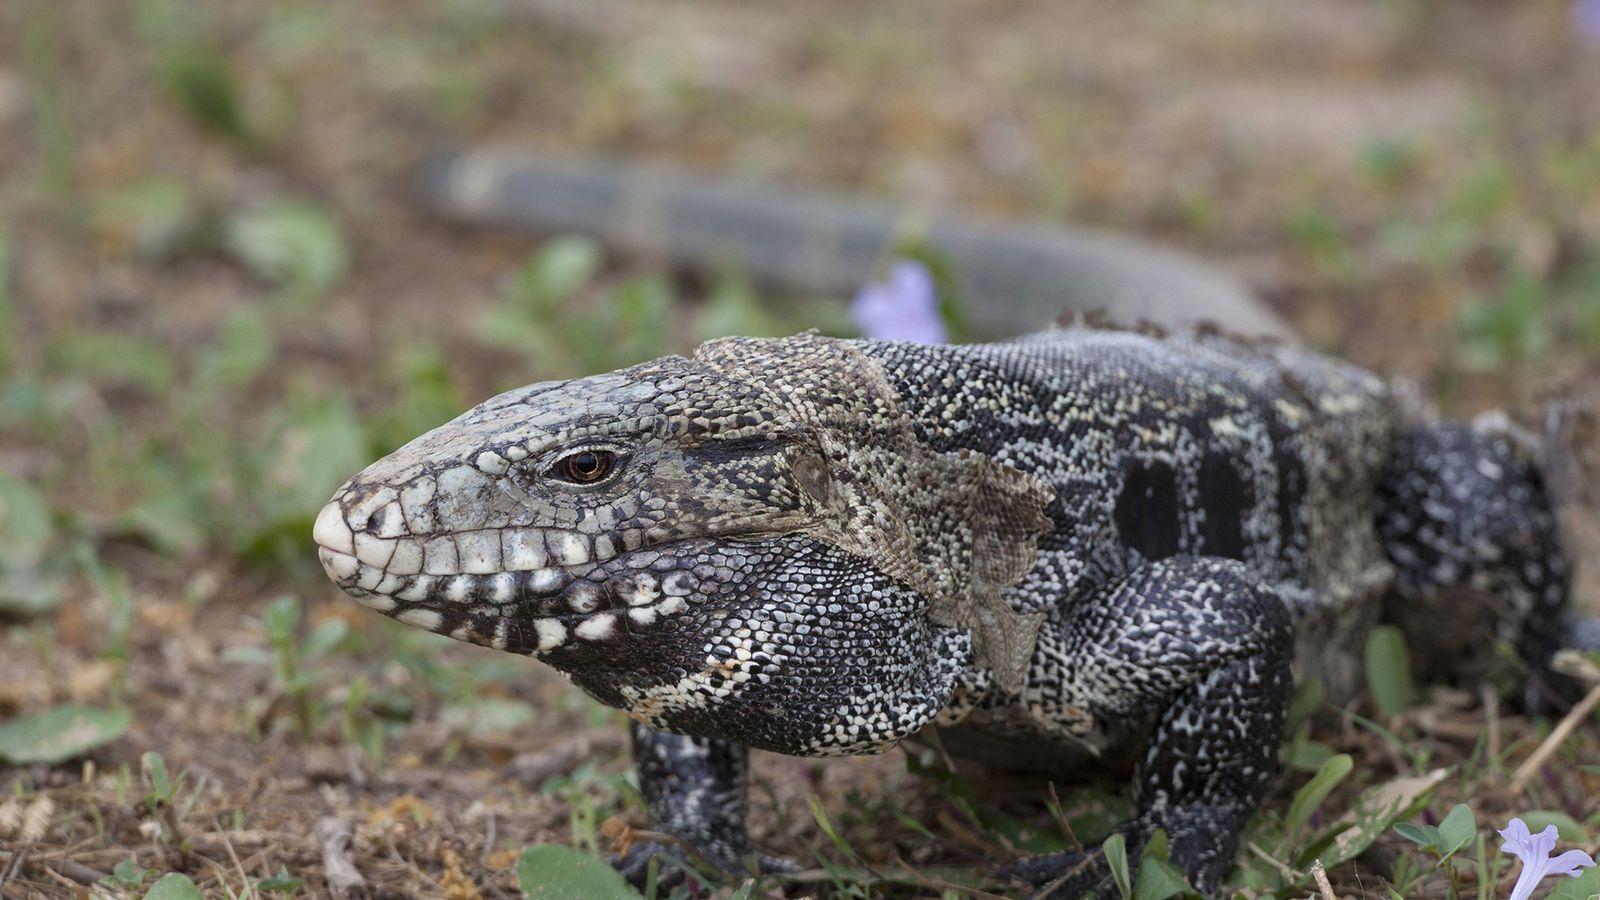 Um lagarto teiú-argentino (Salvator merianae) no seu país nativo, o Brasil. Os teiús tornaram-se animais de ...